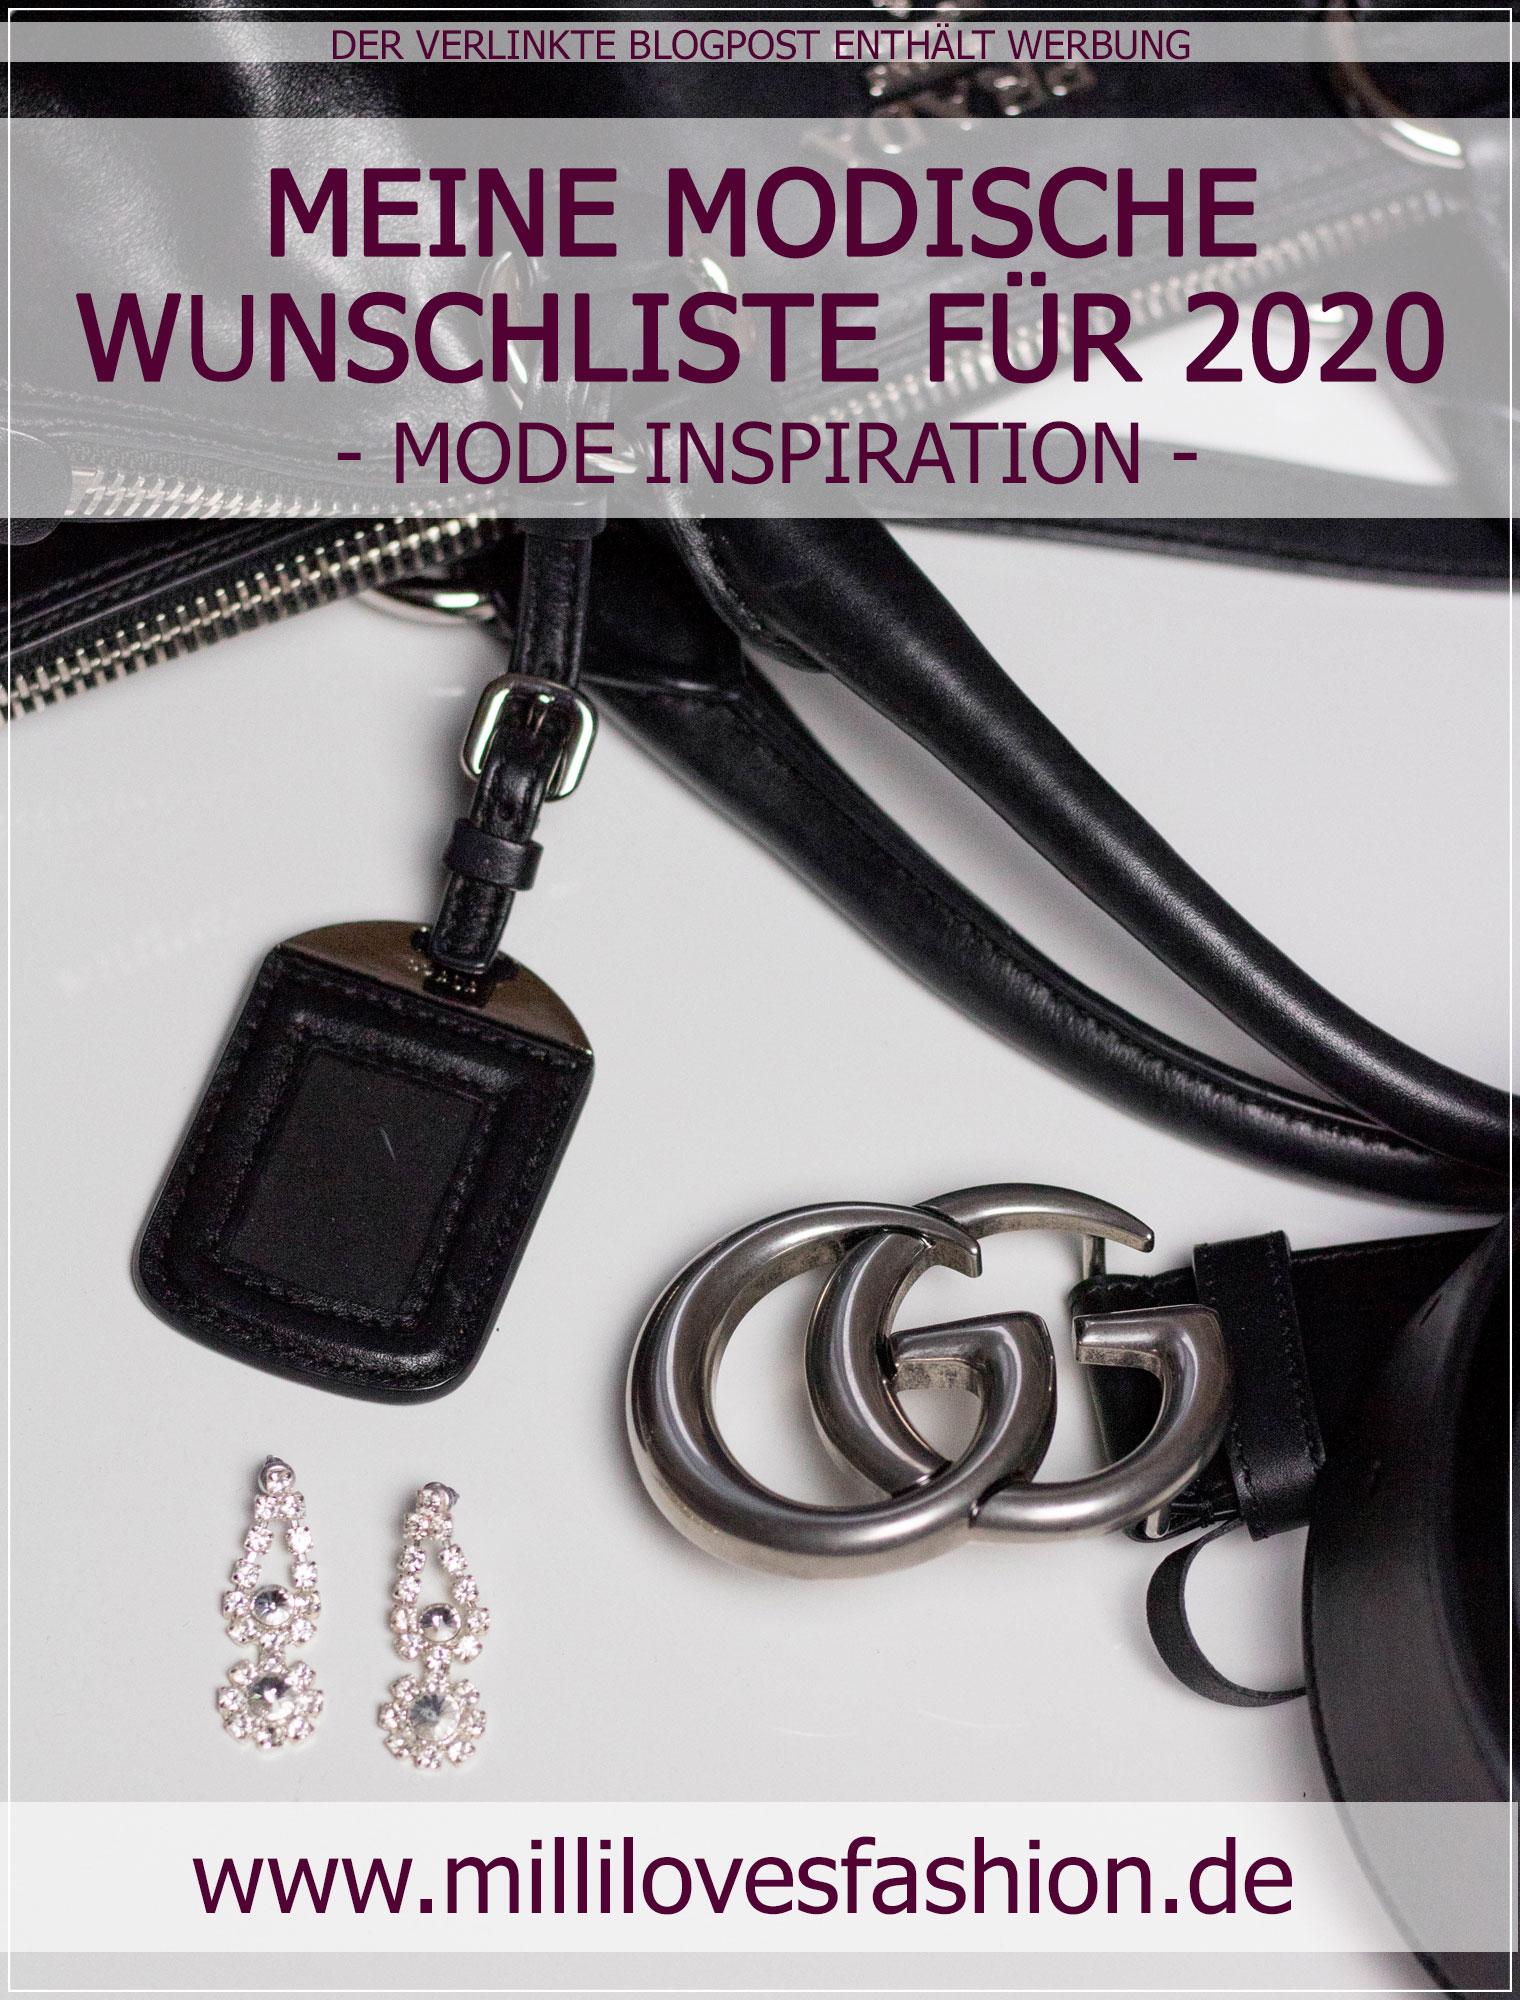 Designer Shopping, modische Wunschliste, Spartipps, Modetrends, Fashion, Modeblog, Ruhrgebiet, Herbstmode, Bloggerin, Fashionblog